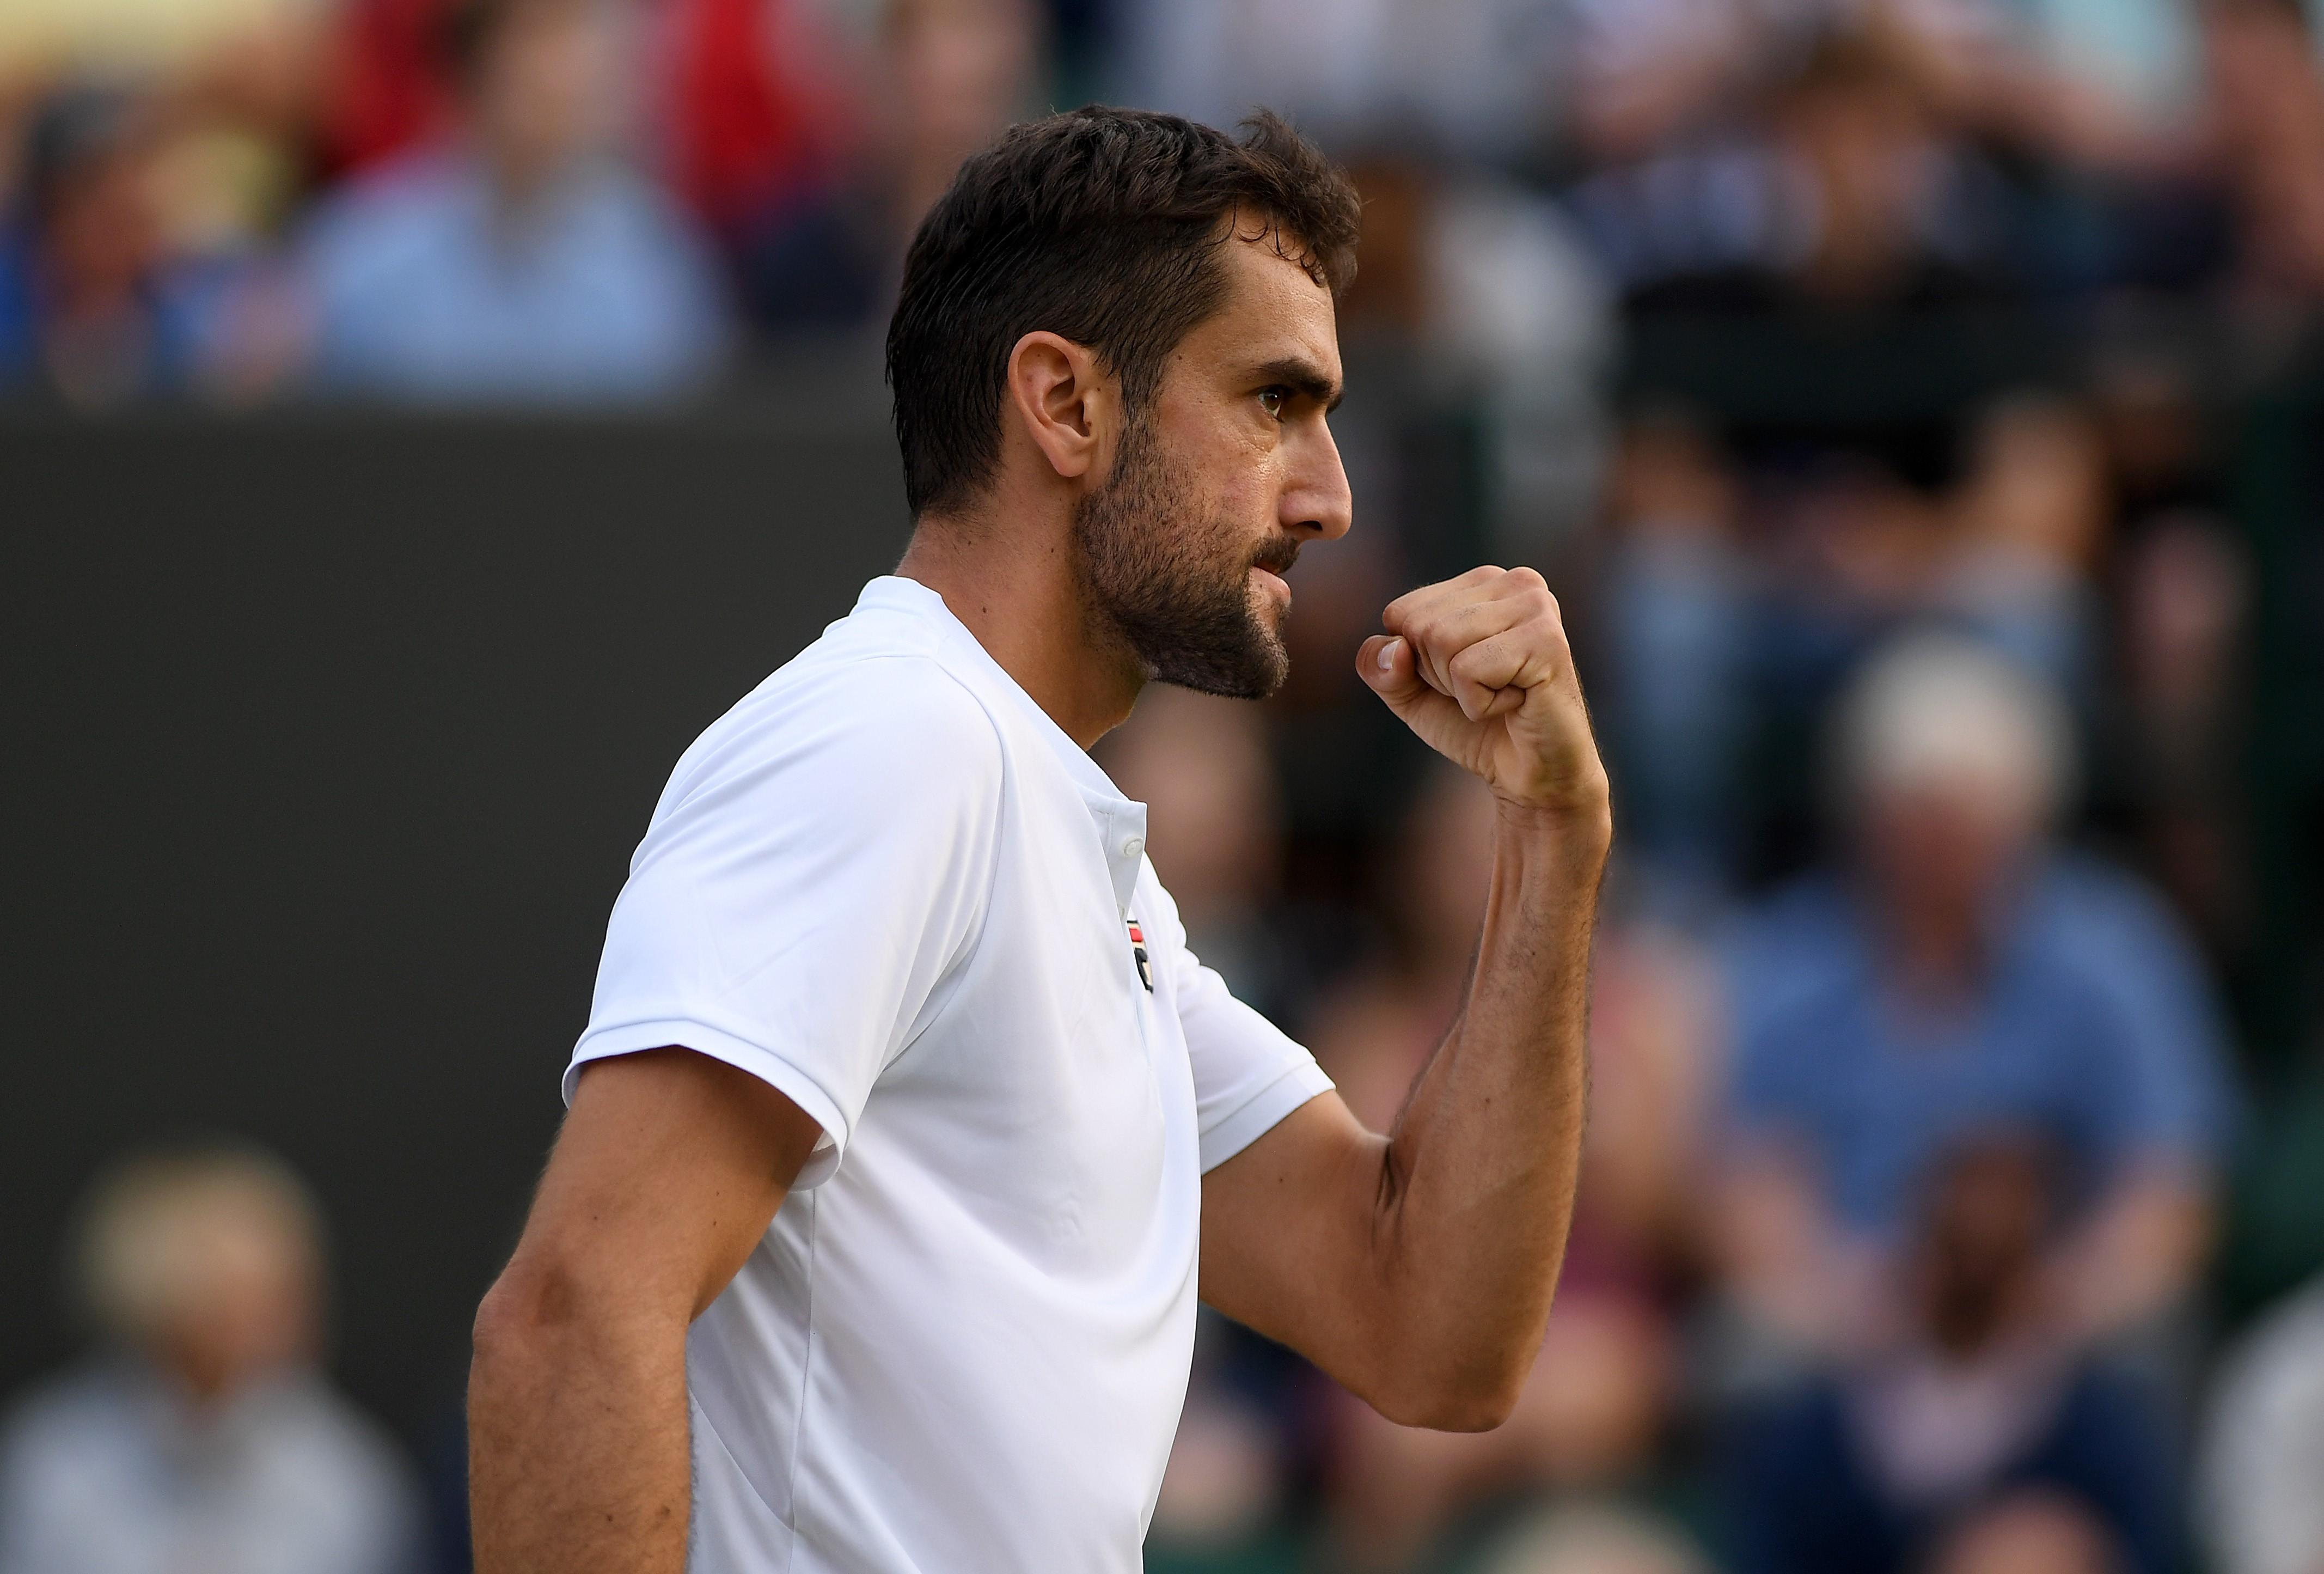 Marin Cilic | 2019 Wimbledon